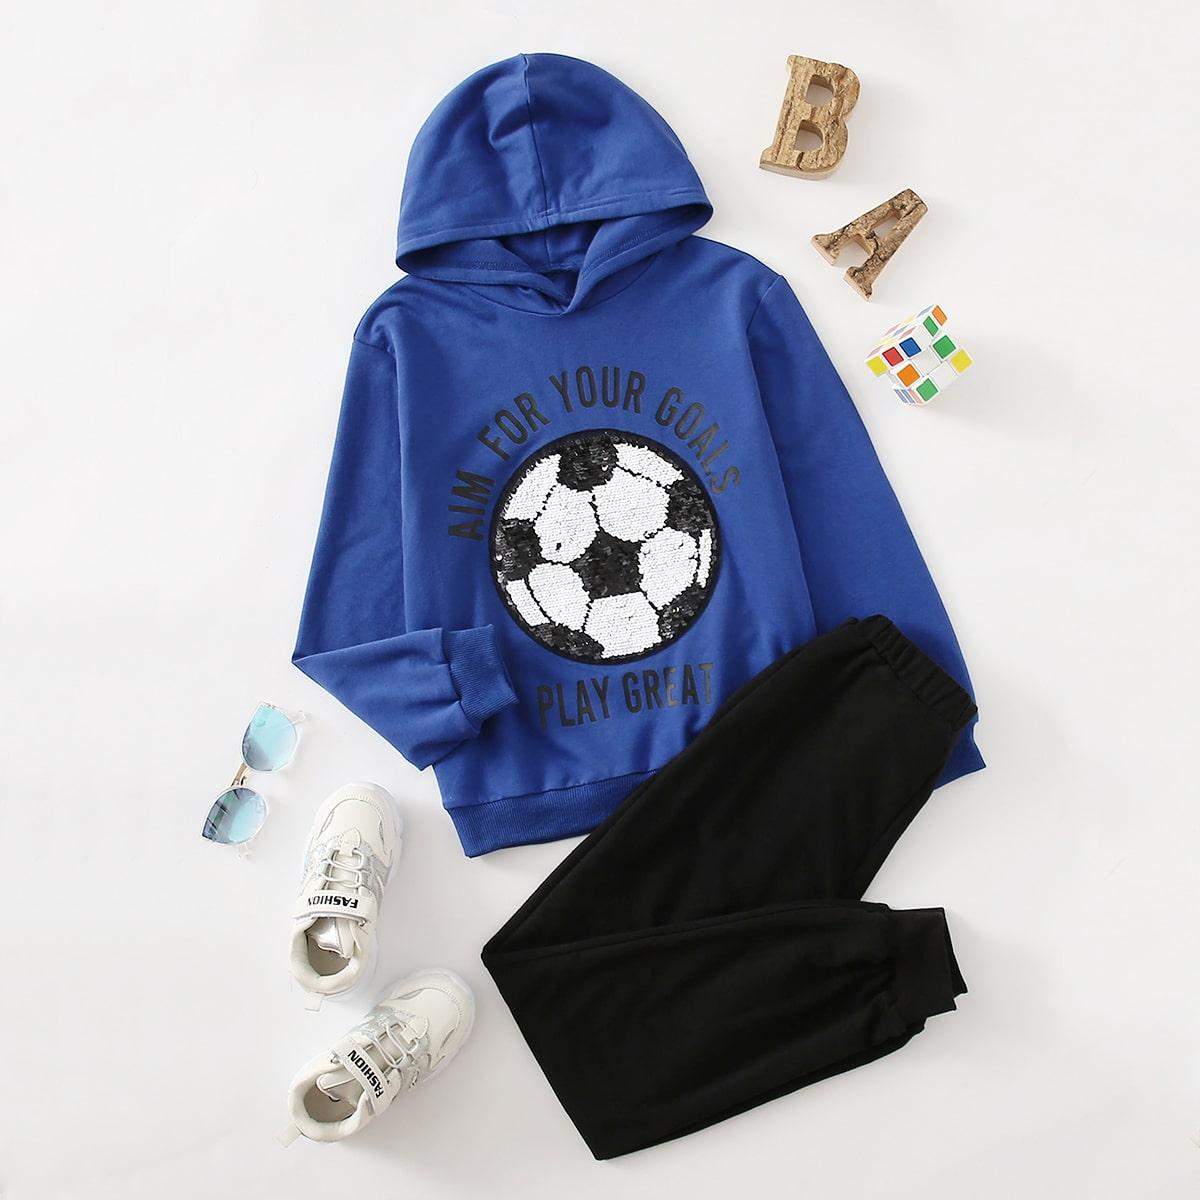 Спортивные брюки и толстовка с текстовым принтом, блестками для мальчиков